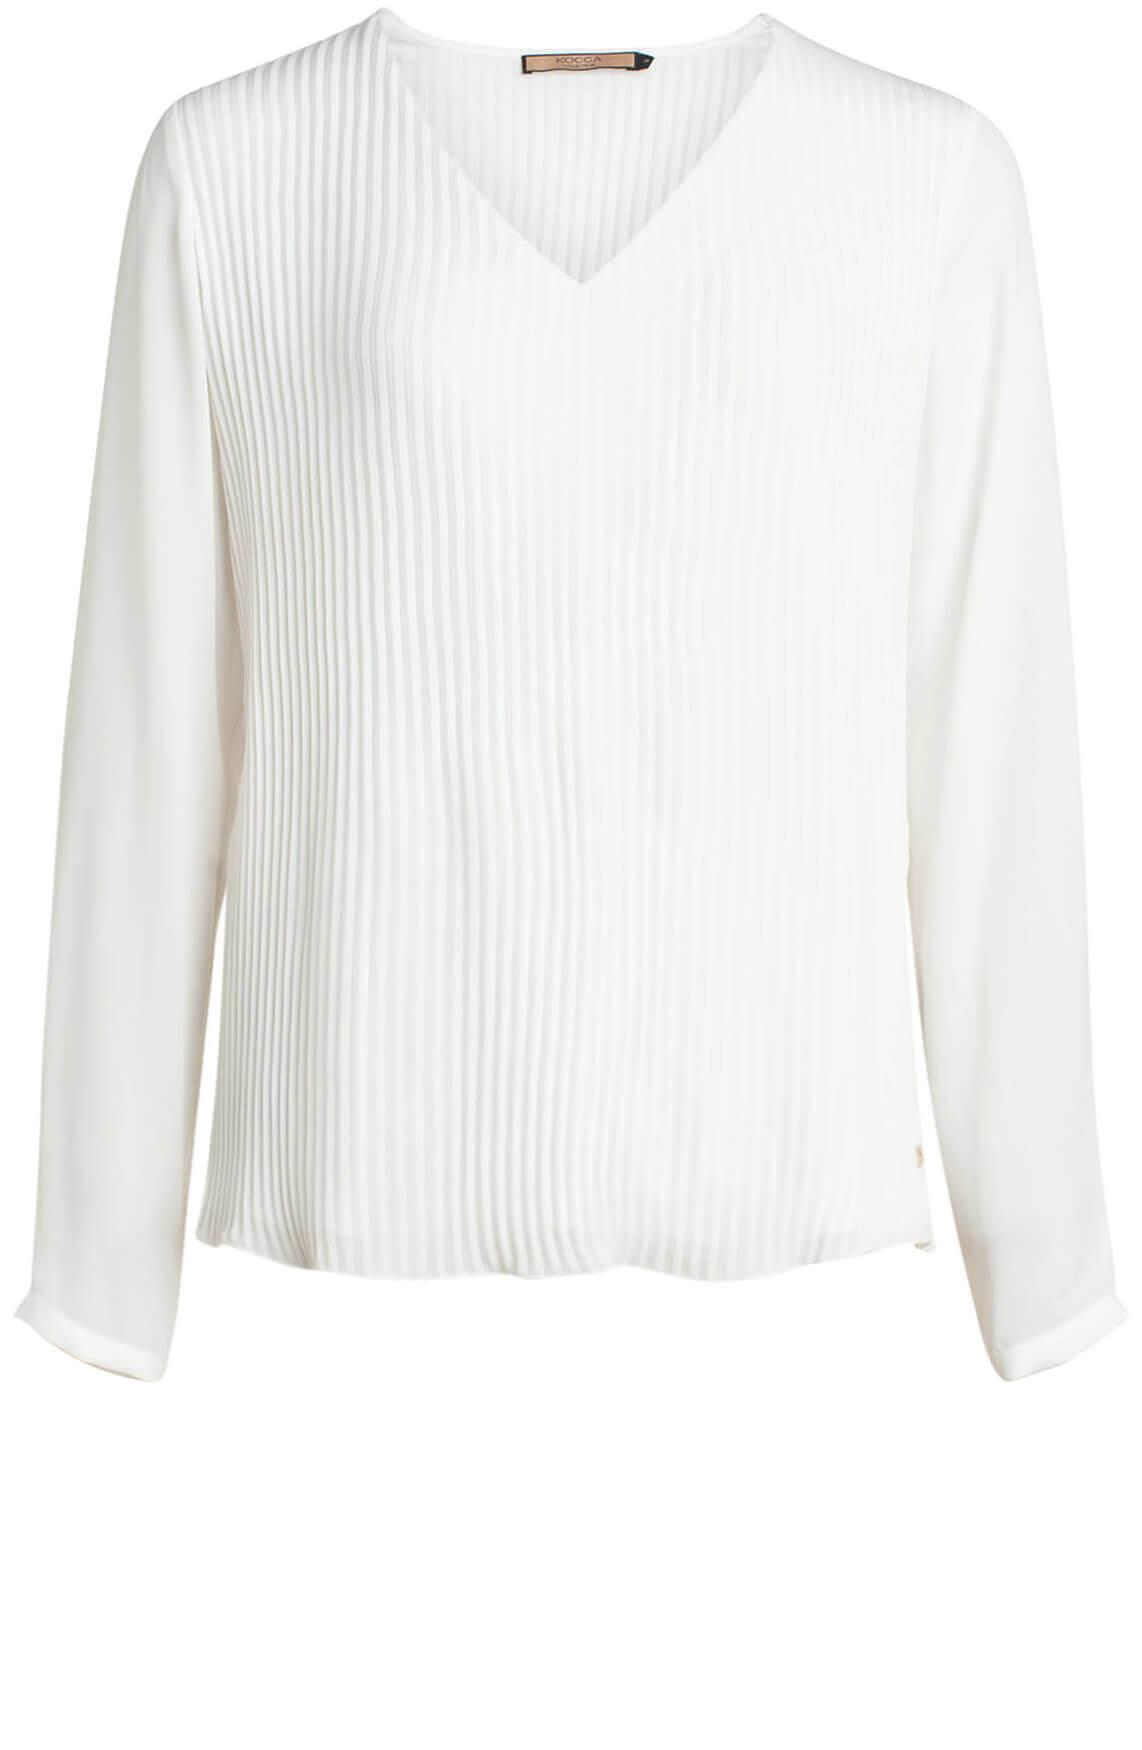 Kocca Dames Four plissé blouse wit